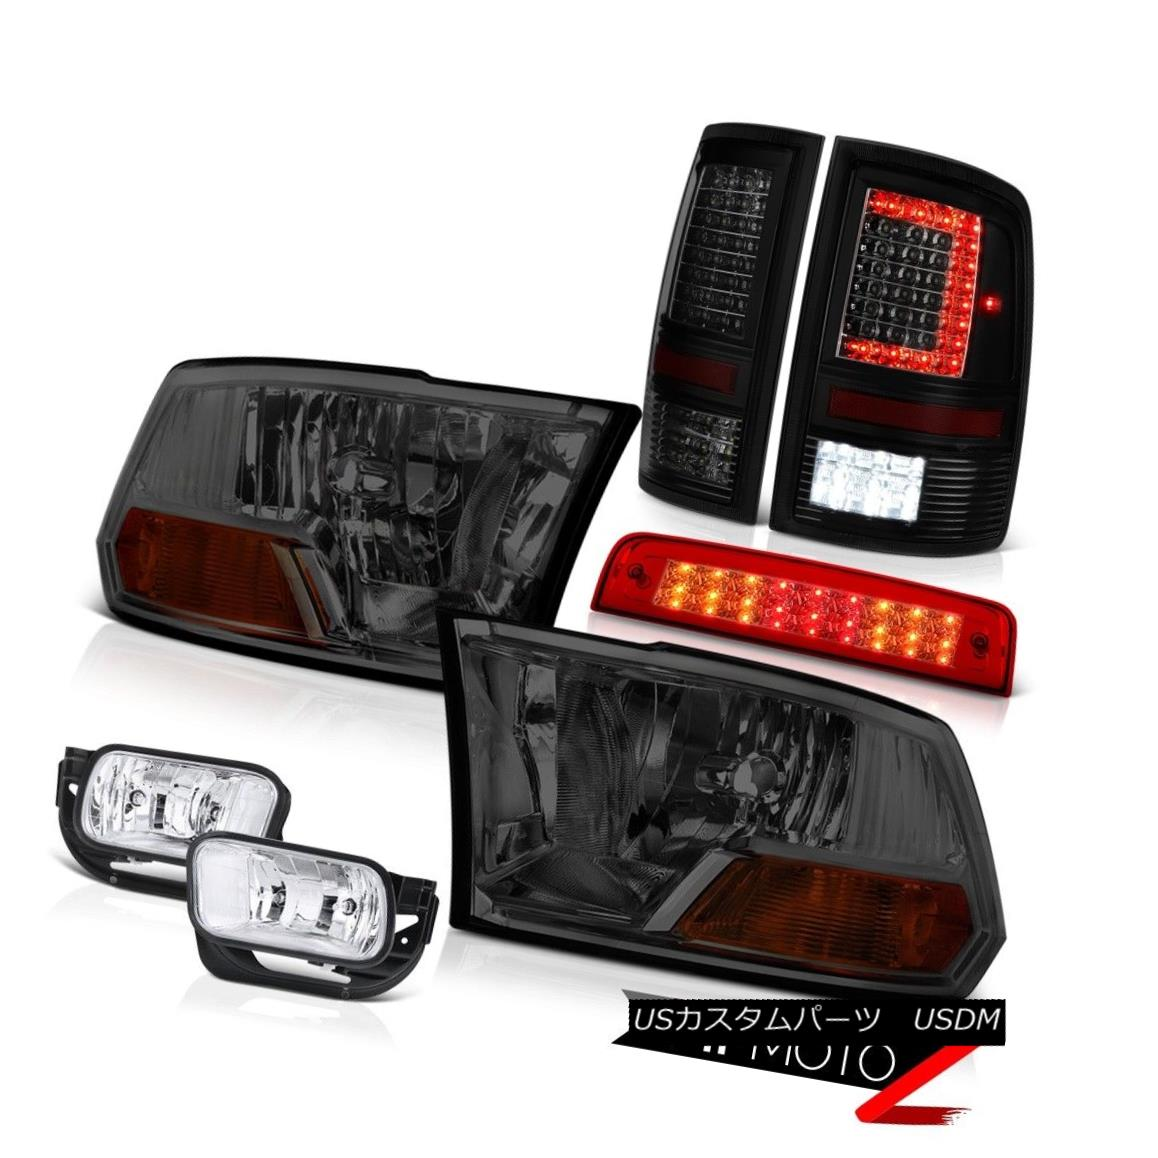 テールライト 09-18 Dodge RAM 2500 Tail Lights Brake Light Fog Lamps Factory Style Headlamp 09-18ダッジRAM 2500テールライトブレーキライトフォグランプ工場スタイルヘッドライト